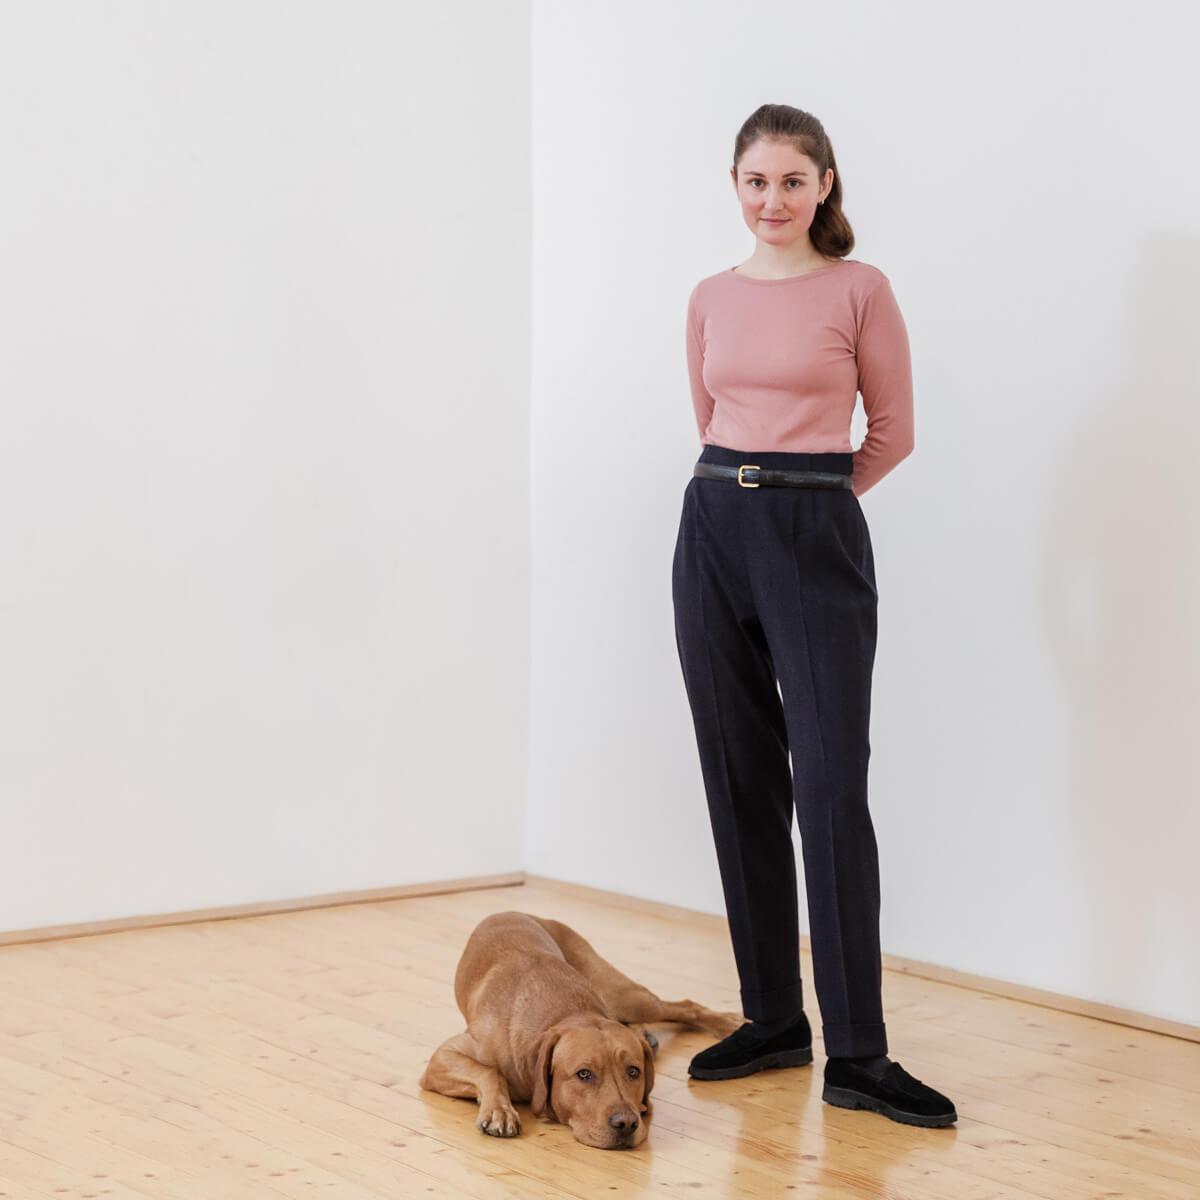 Katharina Kluss MSc. | Gesundheitspsychologin und Klinische Psychologin